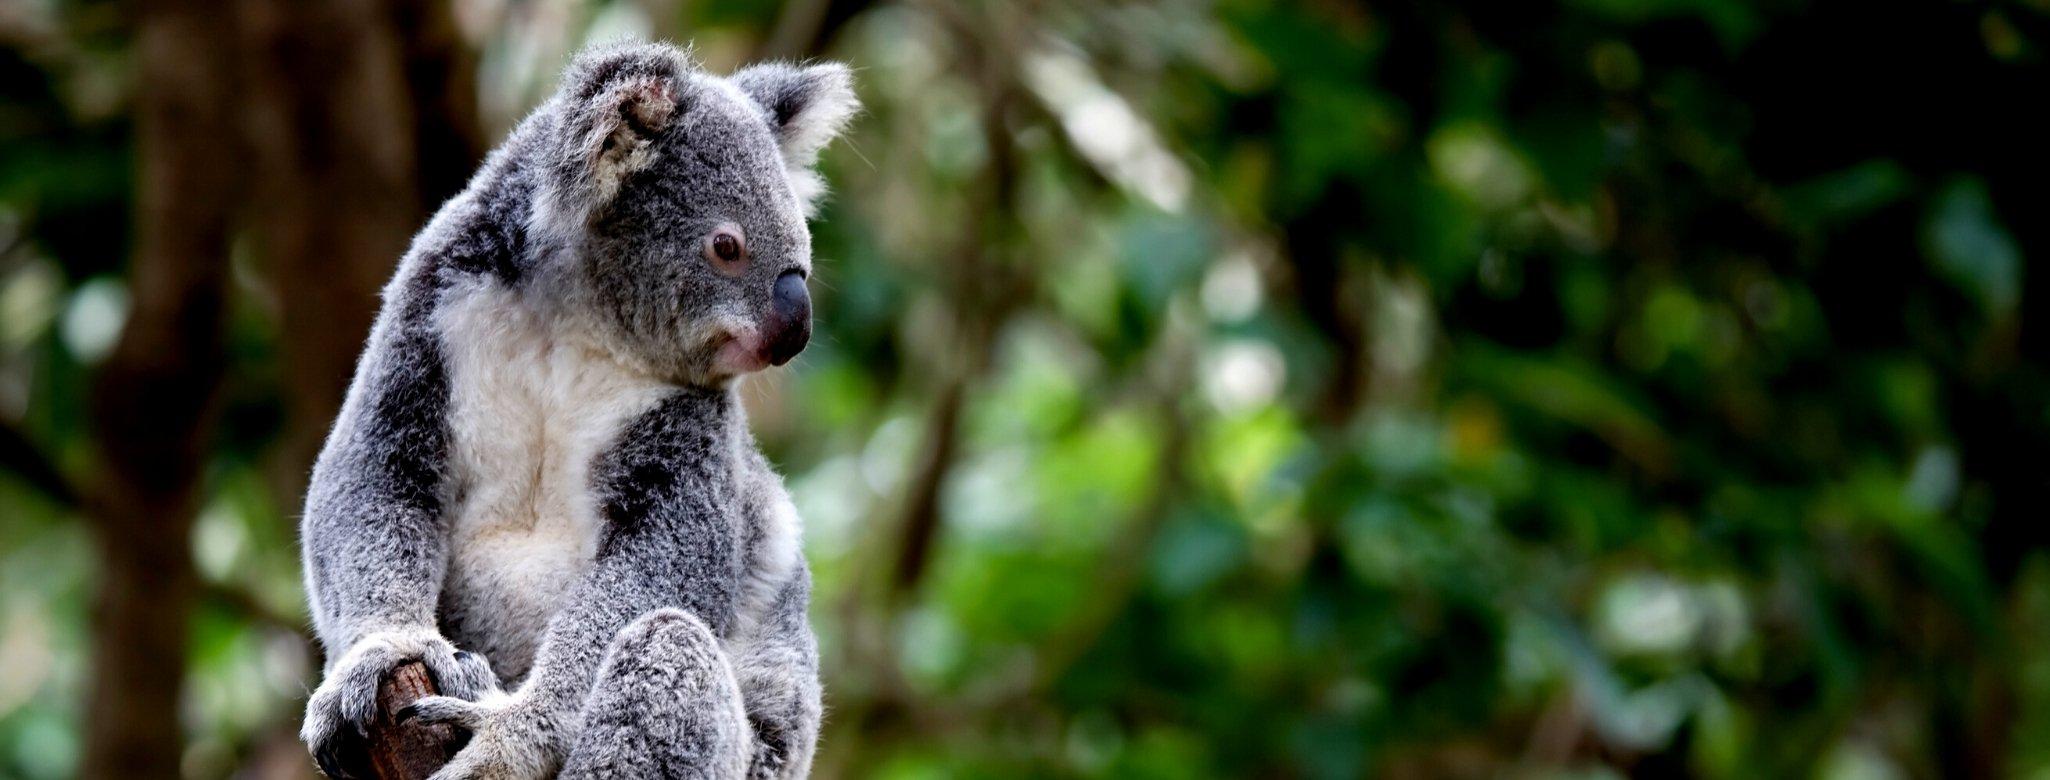 Koala, Great National Koala Park, Bellingen Shire, New South Wales